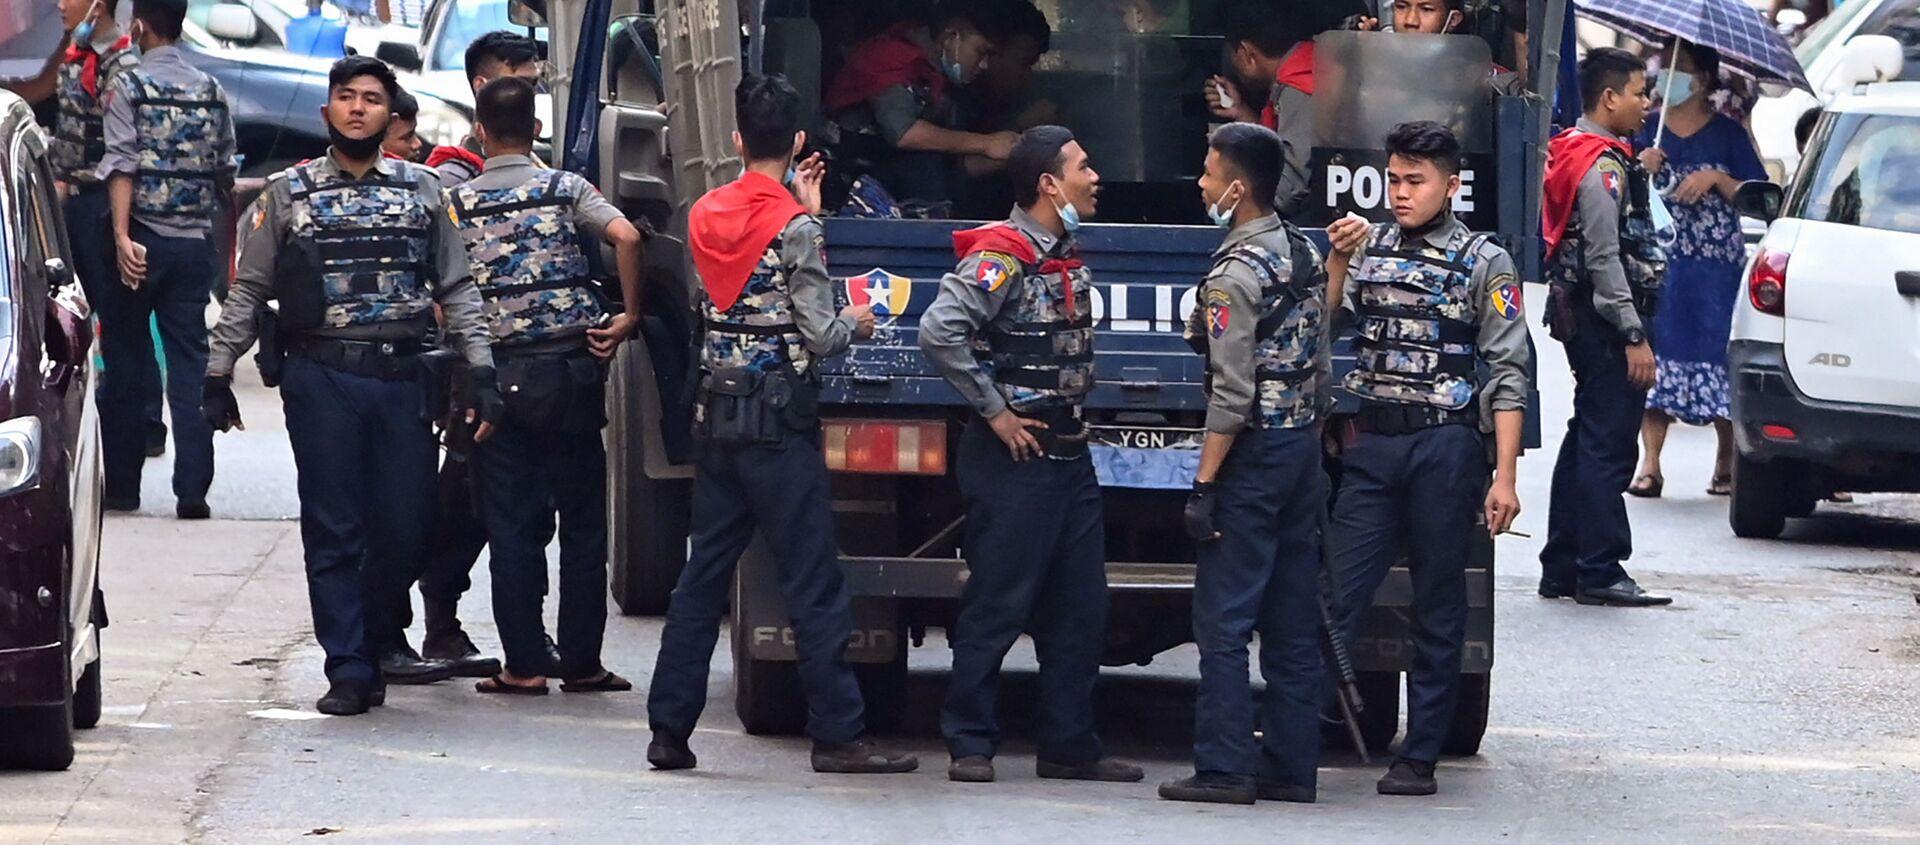 Cảnh sát ở Yangon, Myanmar. - Sputnik Việt Nam, 1920, 04.06.2021